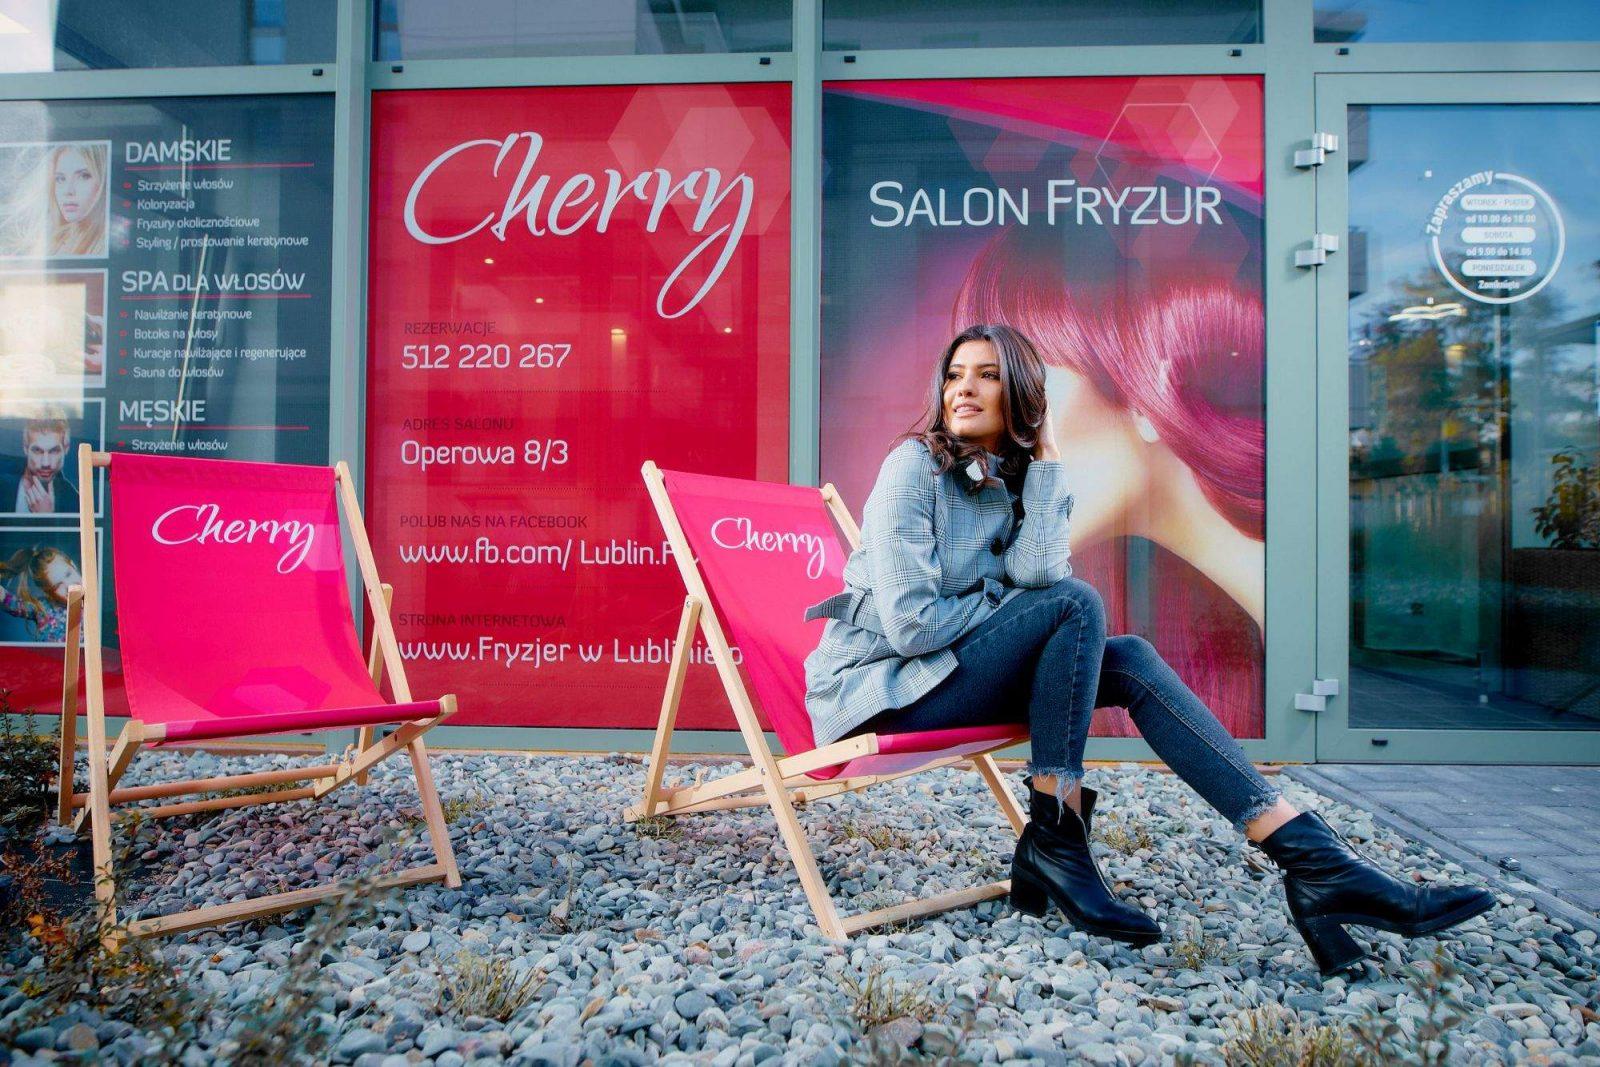 Salon Fryzjerski Cherry Fryzjer W Lublinie Operowa 8